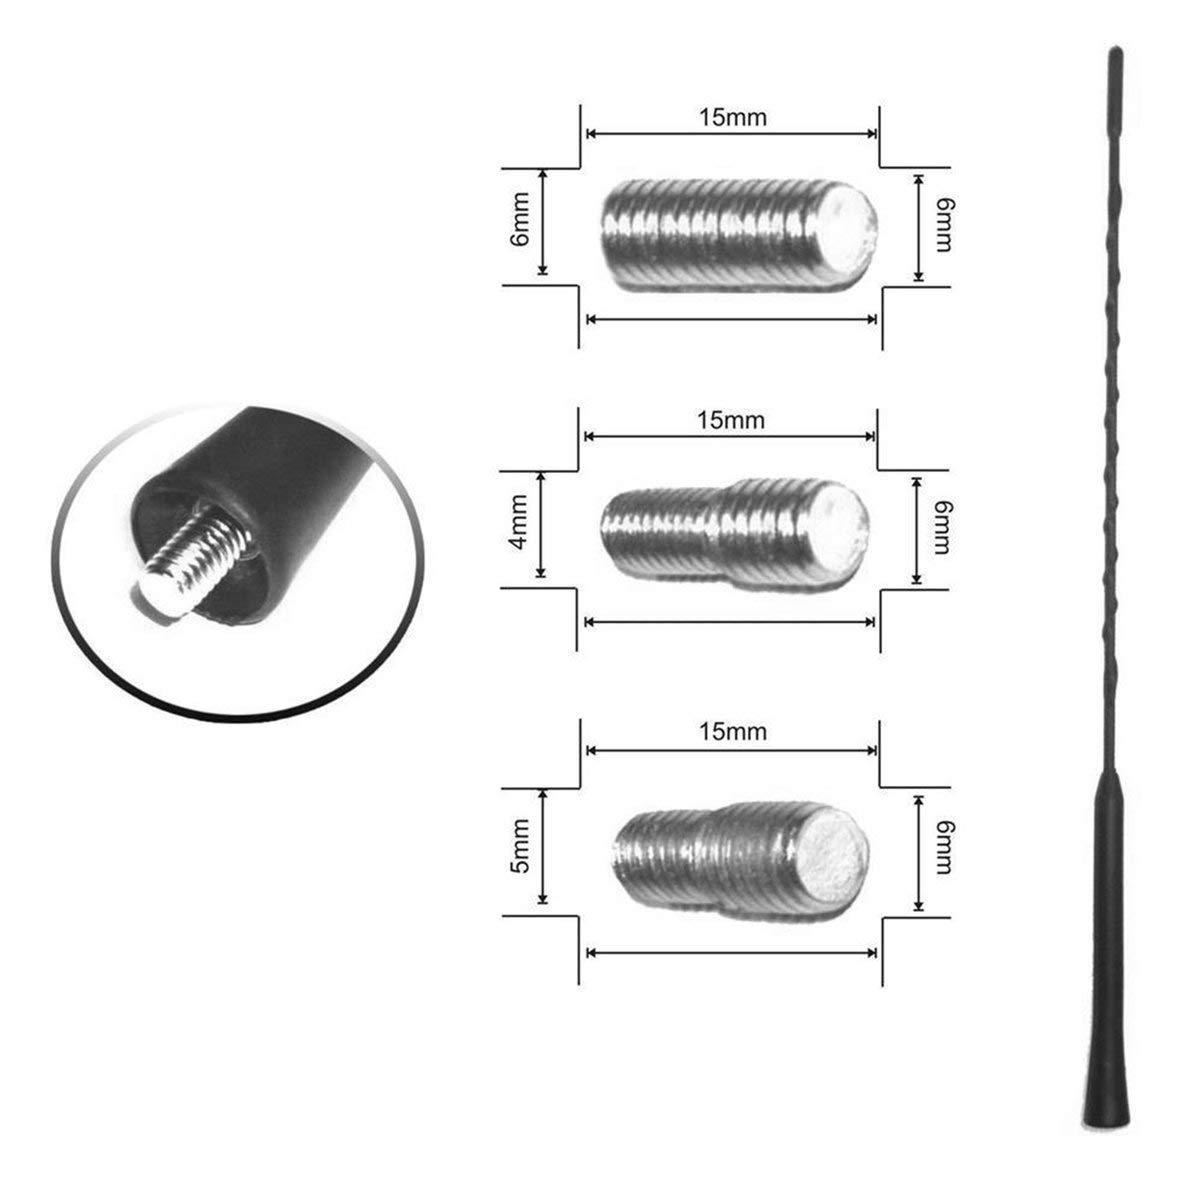 Noradtjcca Antenne Universelle dantenne de Voiture de 16 Pouces AM//FM Toit Automatique antenne Flexible de m/ât en Spirale Anti-Bruit r/ésistant aux intemp/éries